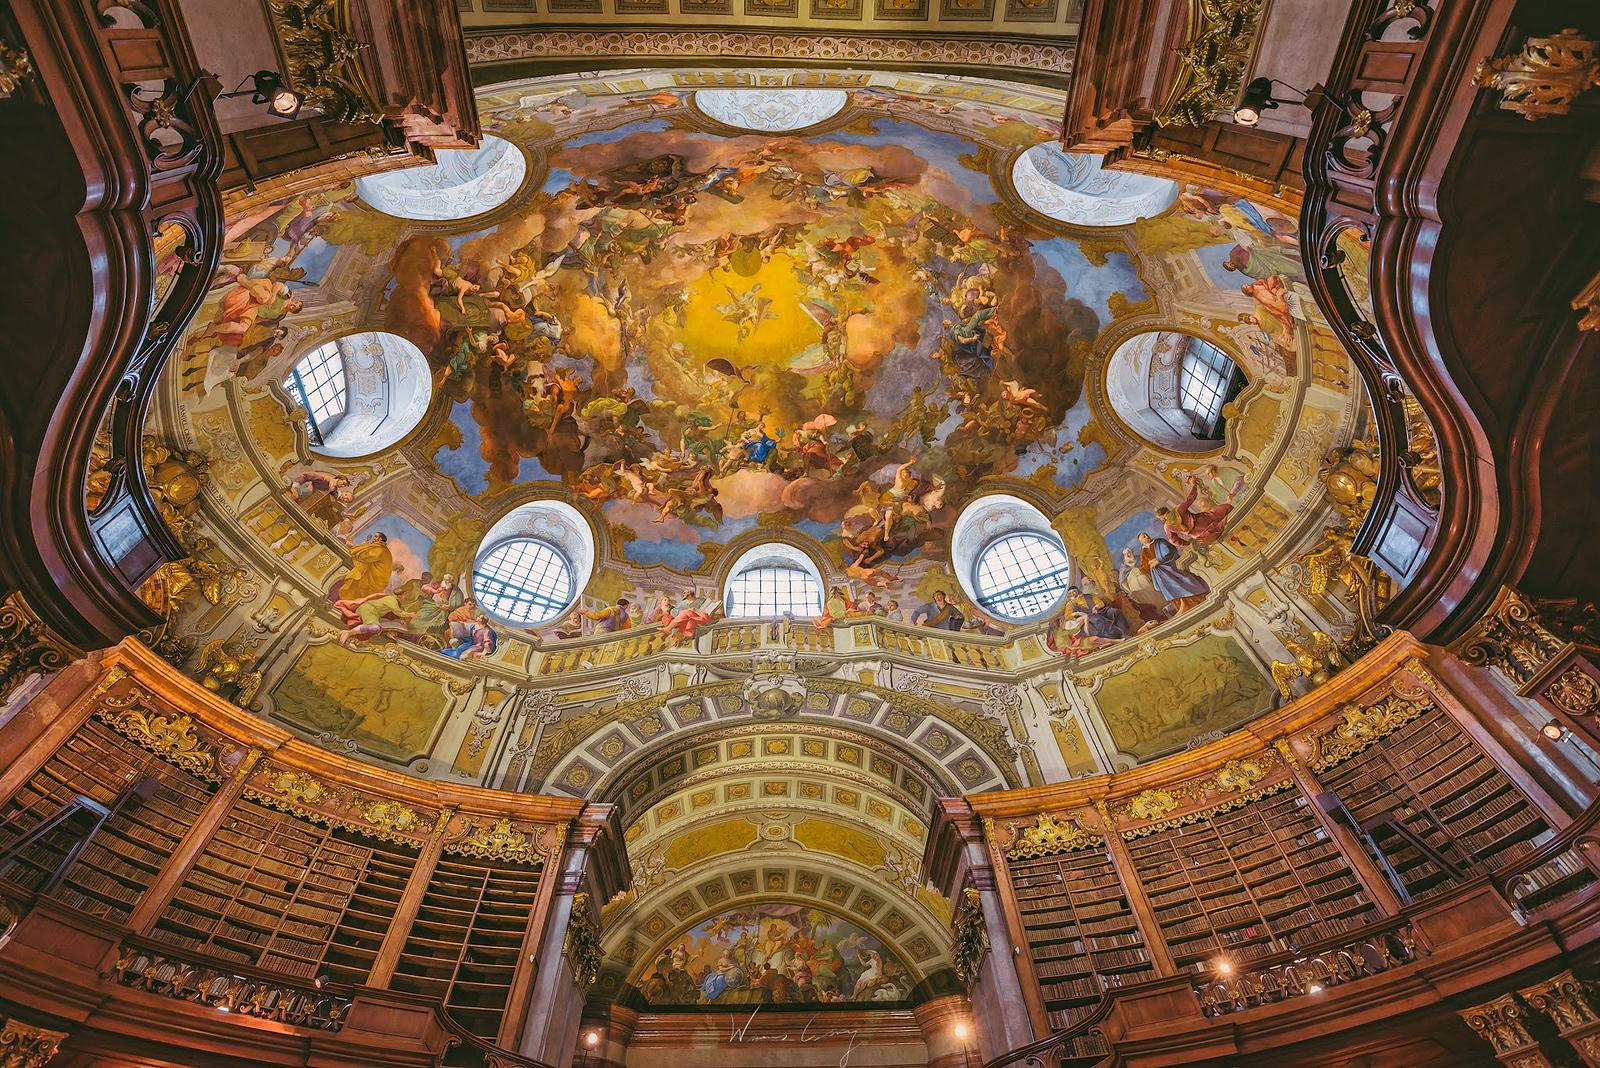 奧地利國家圖書館 Österreichische Nationalbibliothek by 旅行攝影師張威廉 Wilhelm Chang